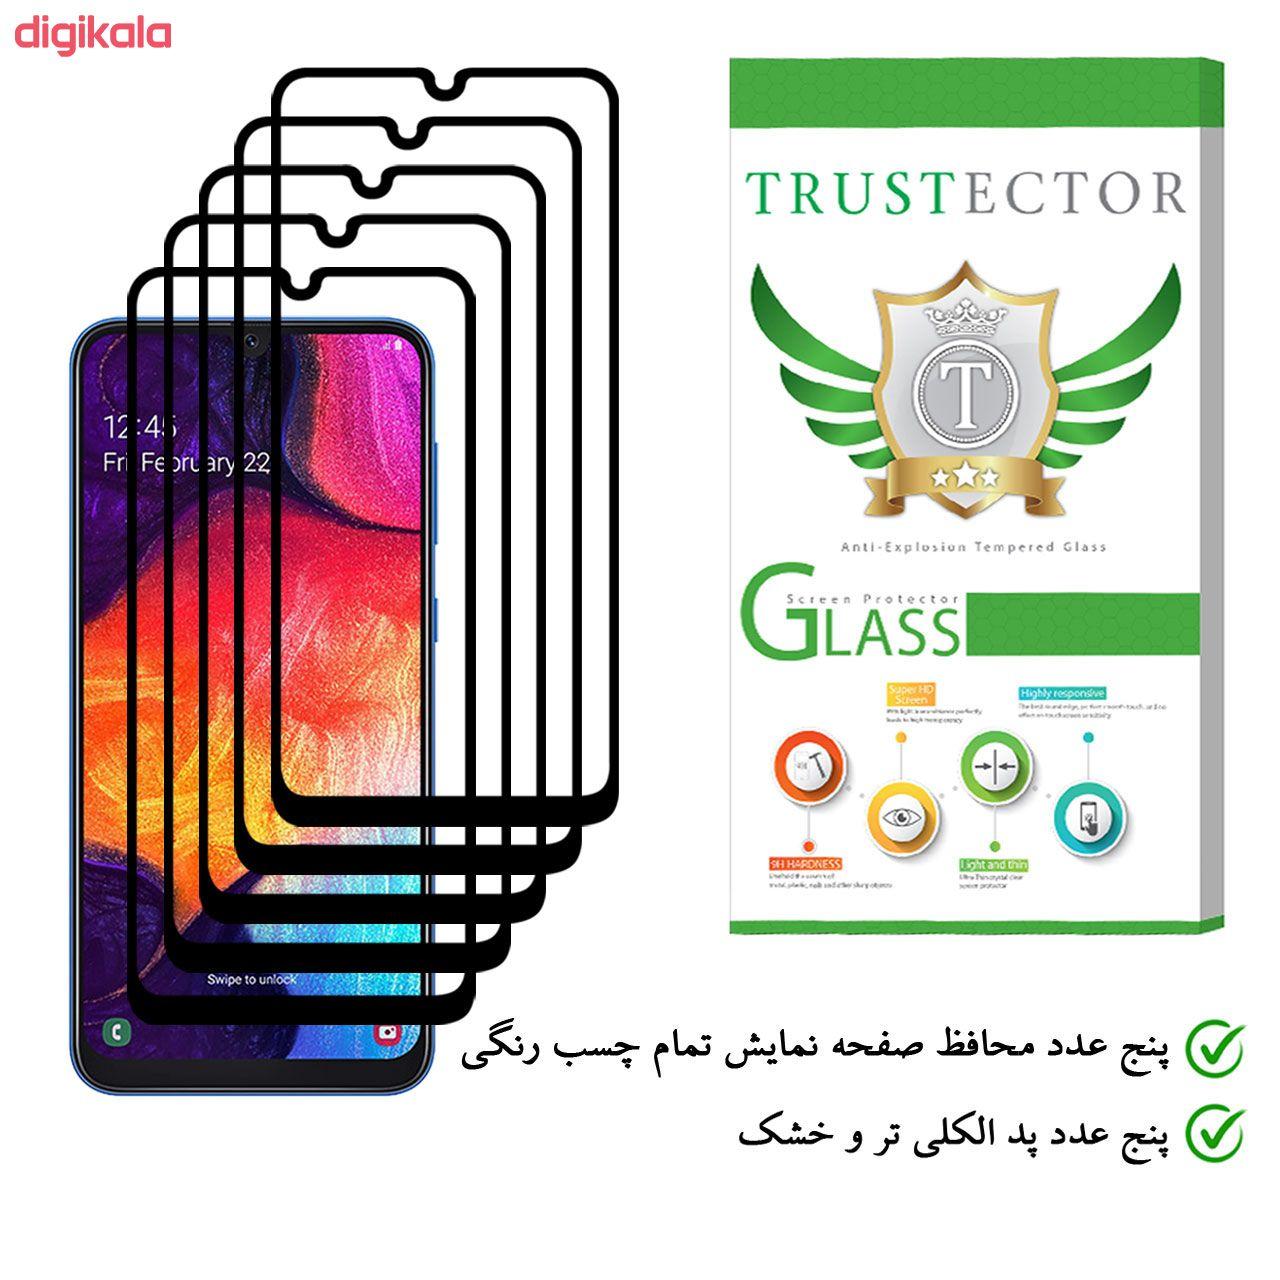 محافظ صفحه نمایش تراستکتور مدل GSS مناسب برای گوشی موبایل سامسونگ Galaxy A50 بسته 5 عددی main 1 1